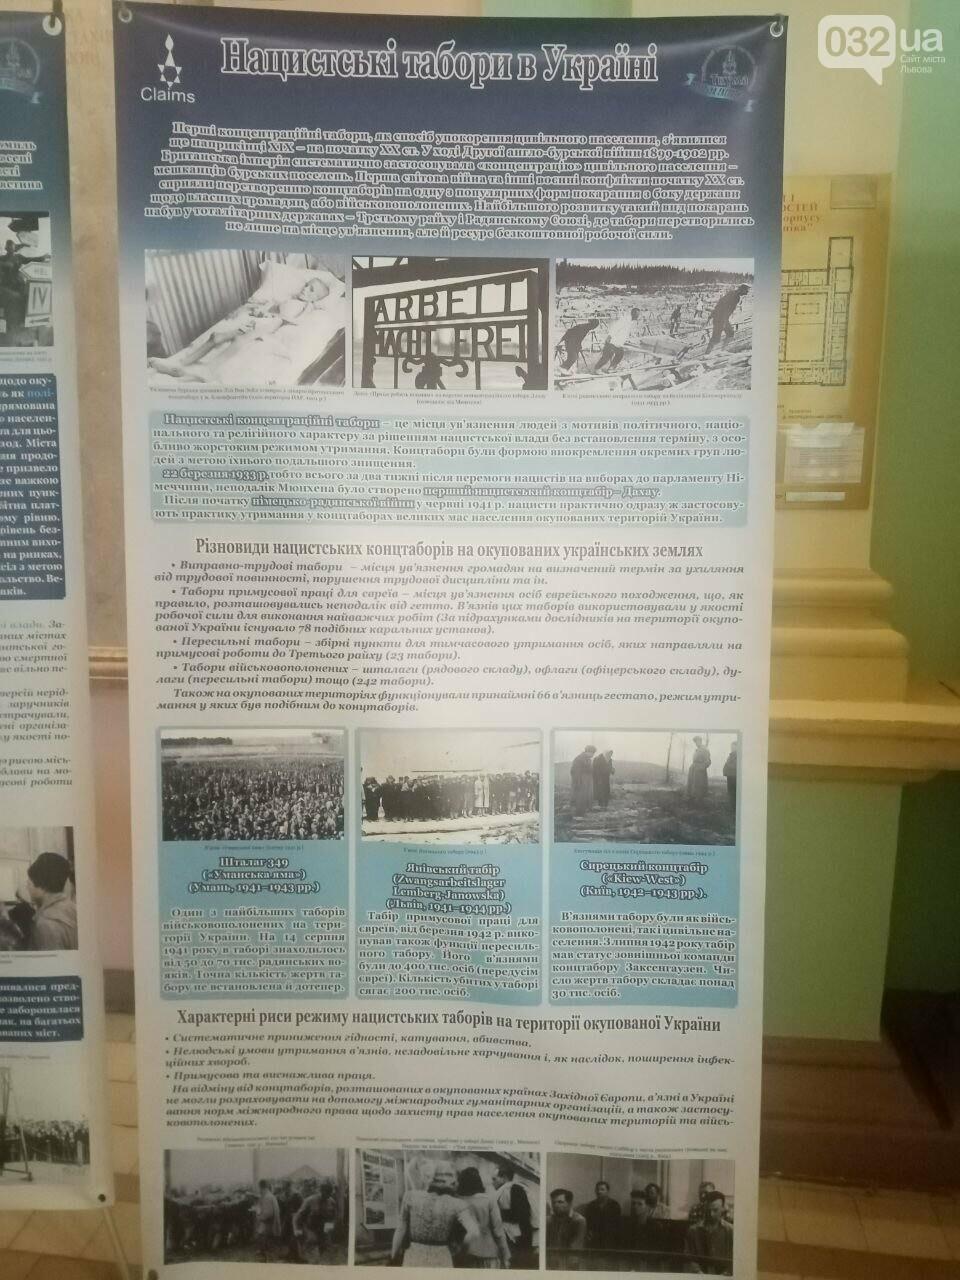 У Львові відкрили виставку, присвячену українцям-рятівникам євреїв під час Голокосту, - ФОТО, фото-11